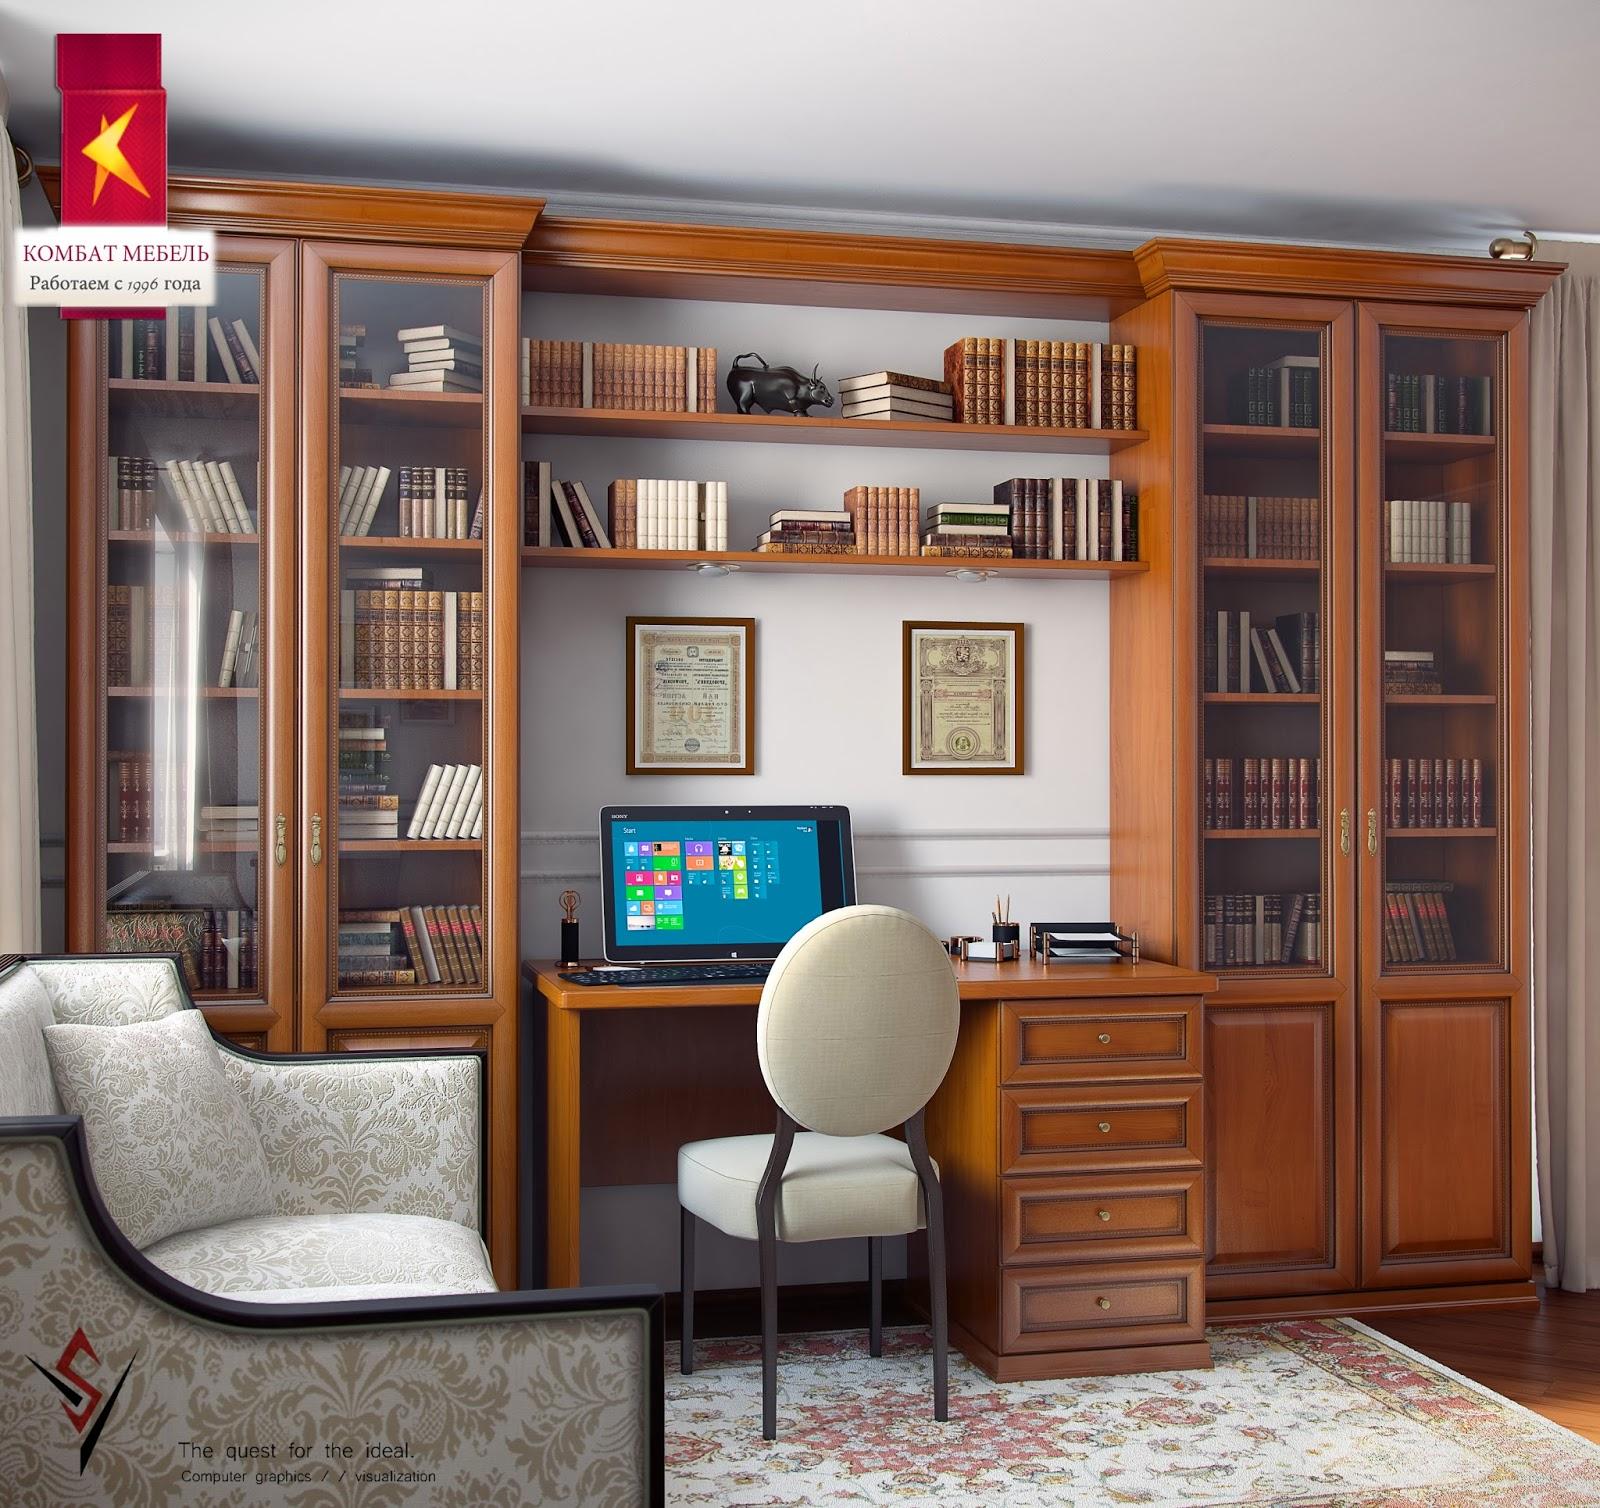 3d модели: столы - комбат \\ письменный стол с антресолью.